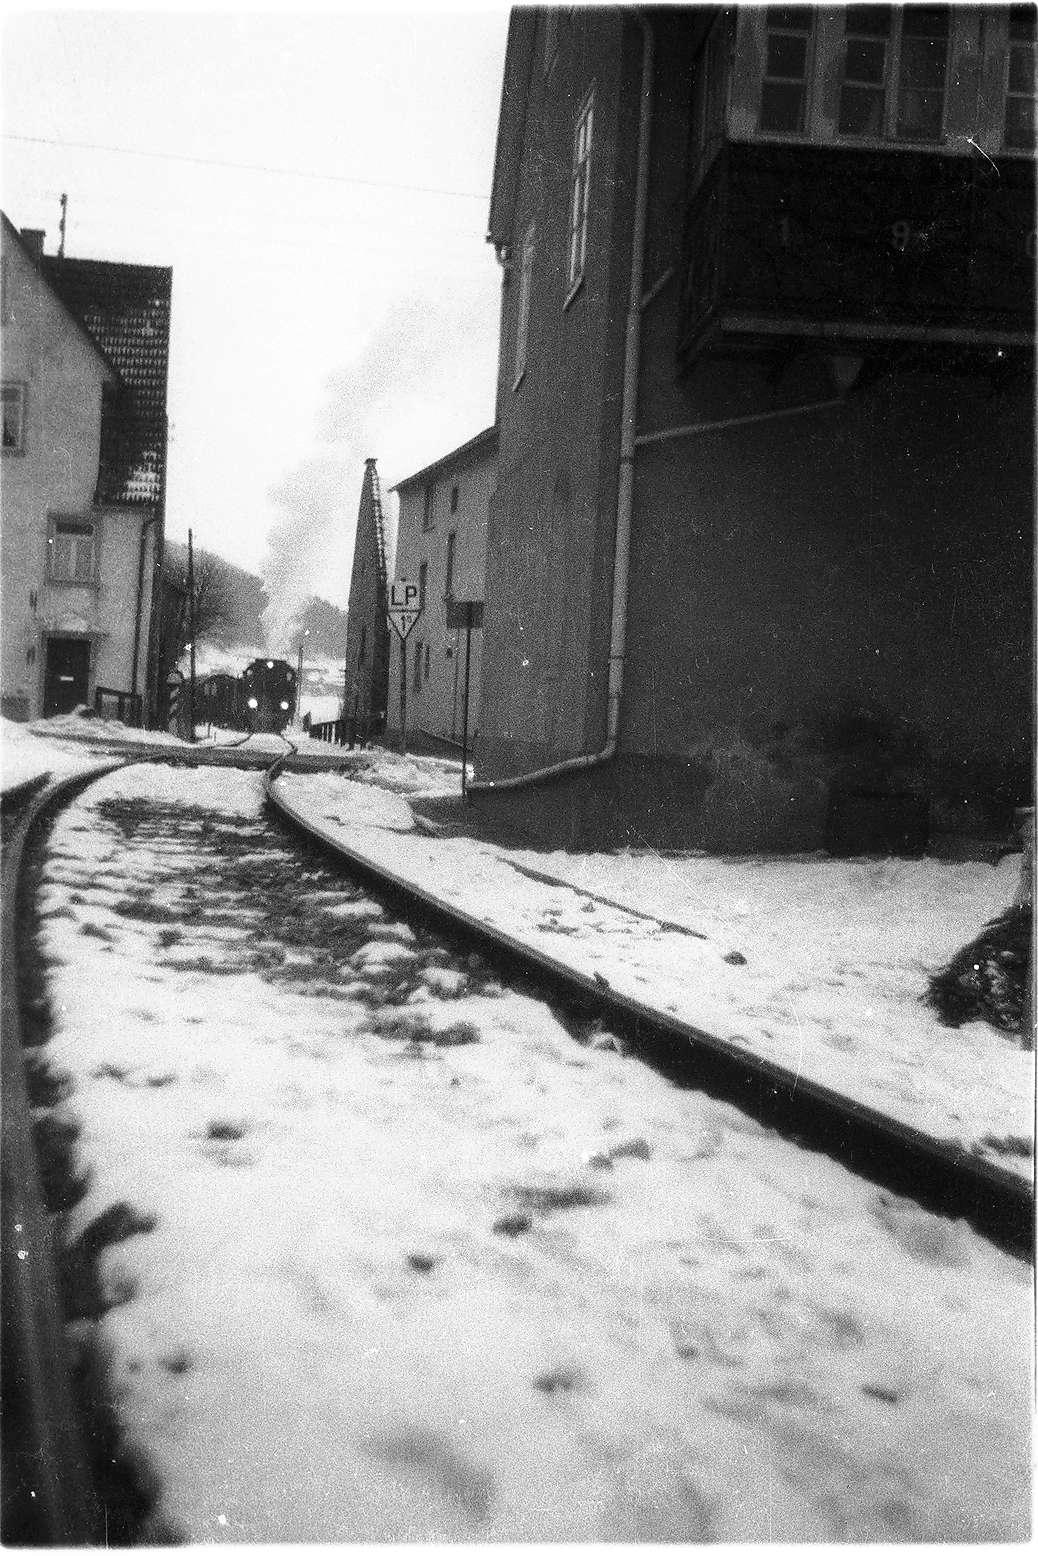 Lok 141, Trochtelfingen, enge Ortsdurchfahrt, Lok 141 war beim Personal beliebt, weil sie gut Dampf machte, Bild 1